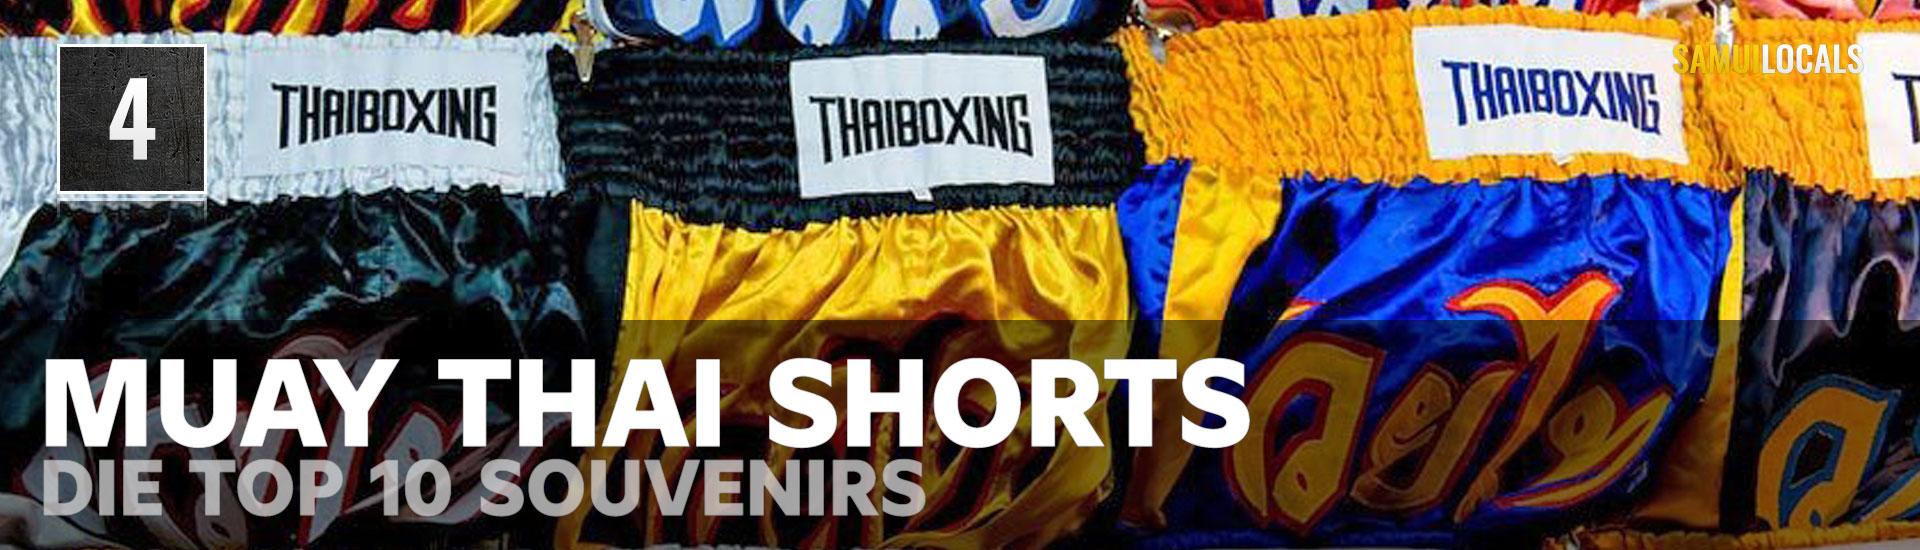 souvenirs_aus_thailand_muay_thai_shorts